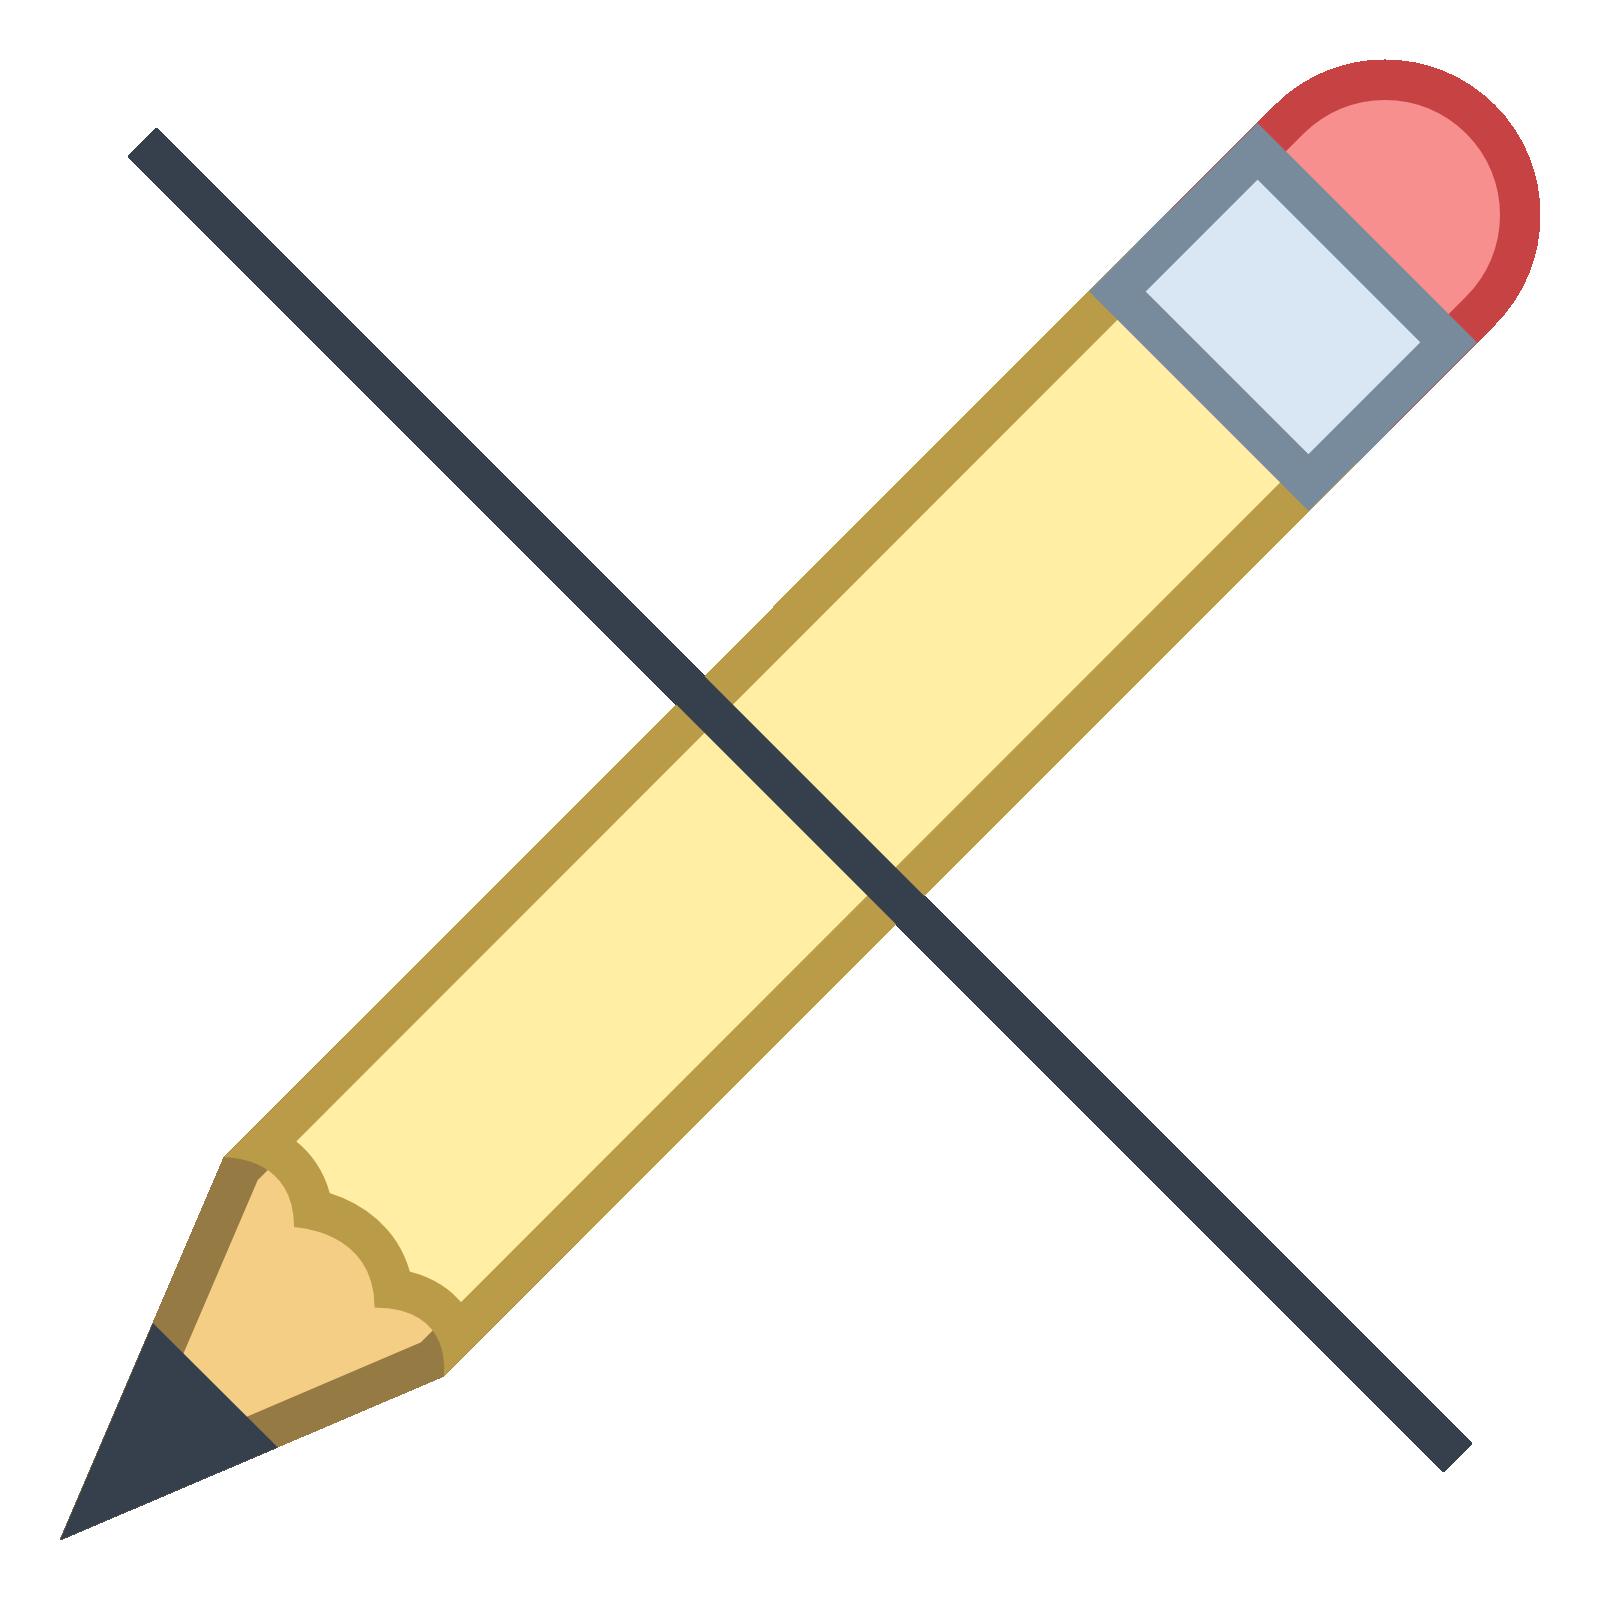 Editingsoftware clipart final draft Edit Icon at Icons8 No